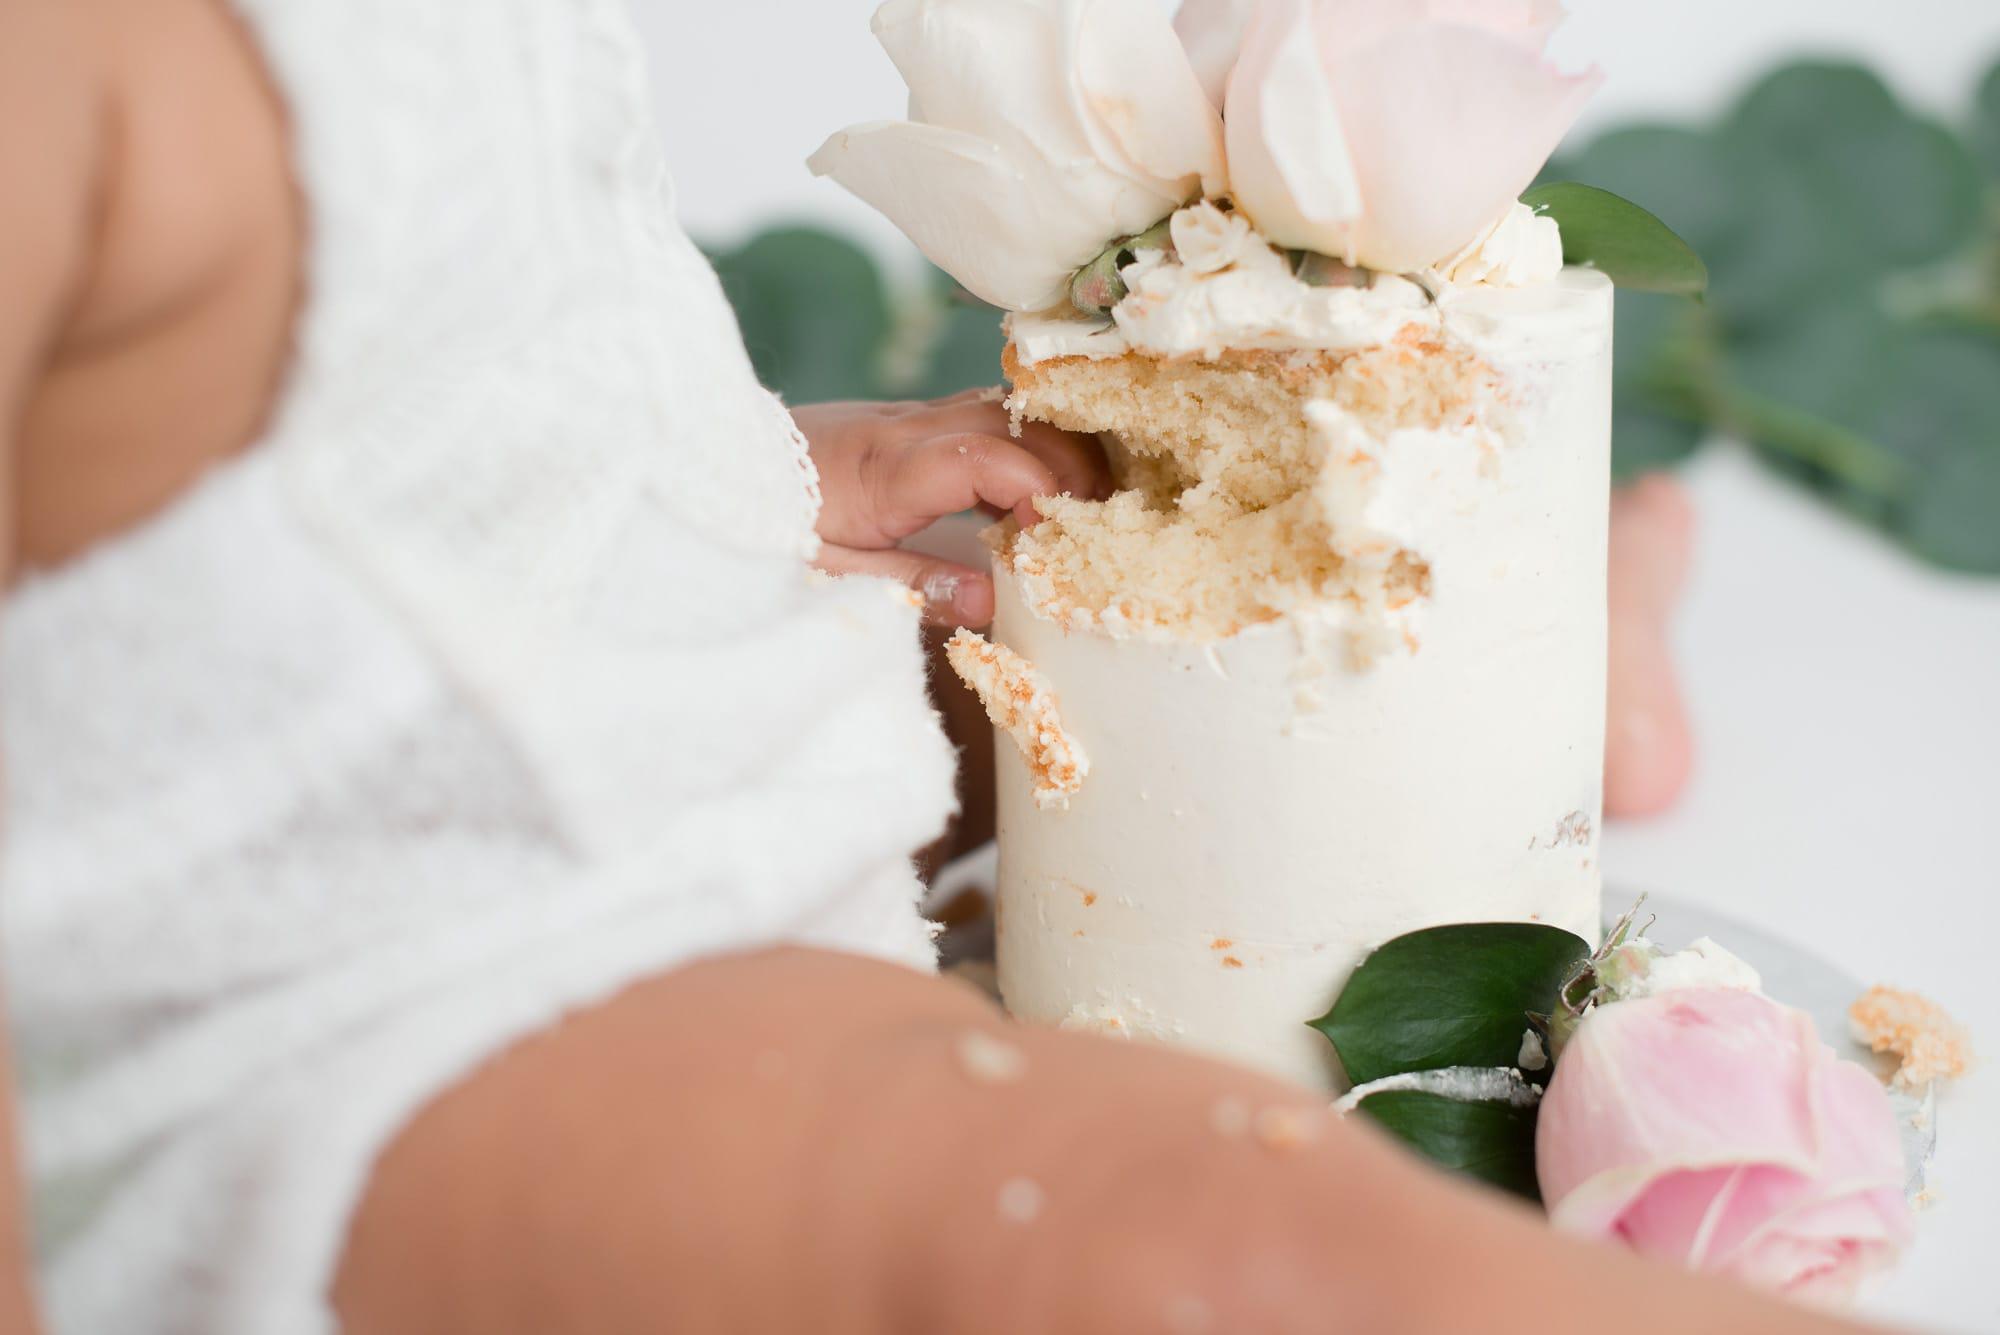 cake smash hands in cake